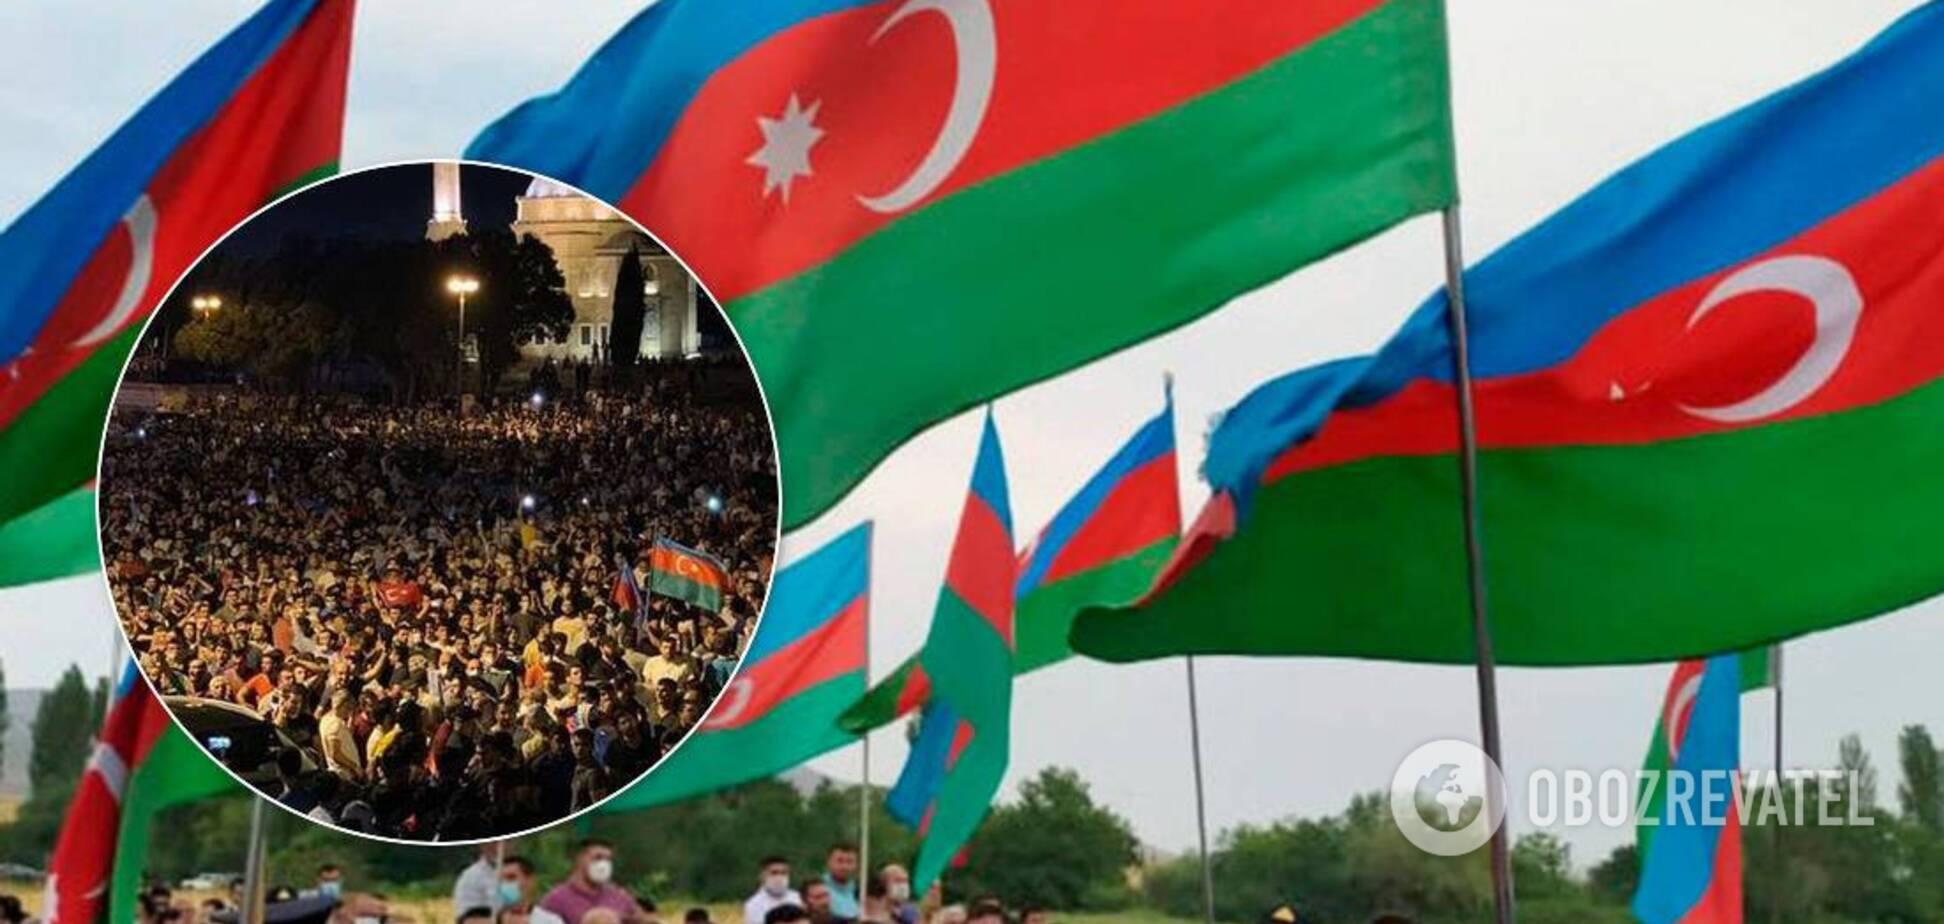 Азербайджан всколыхнул митинг из-за войны с Арменией: на улицы вышли тысячи людей. Видео